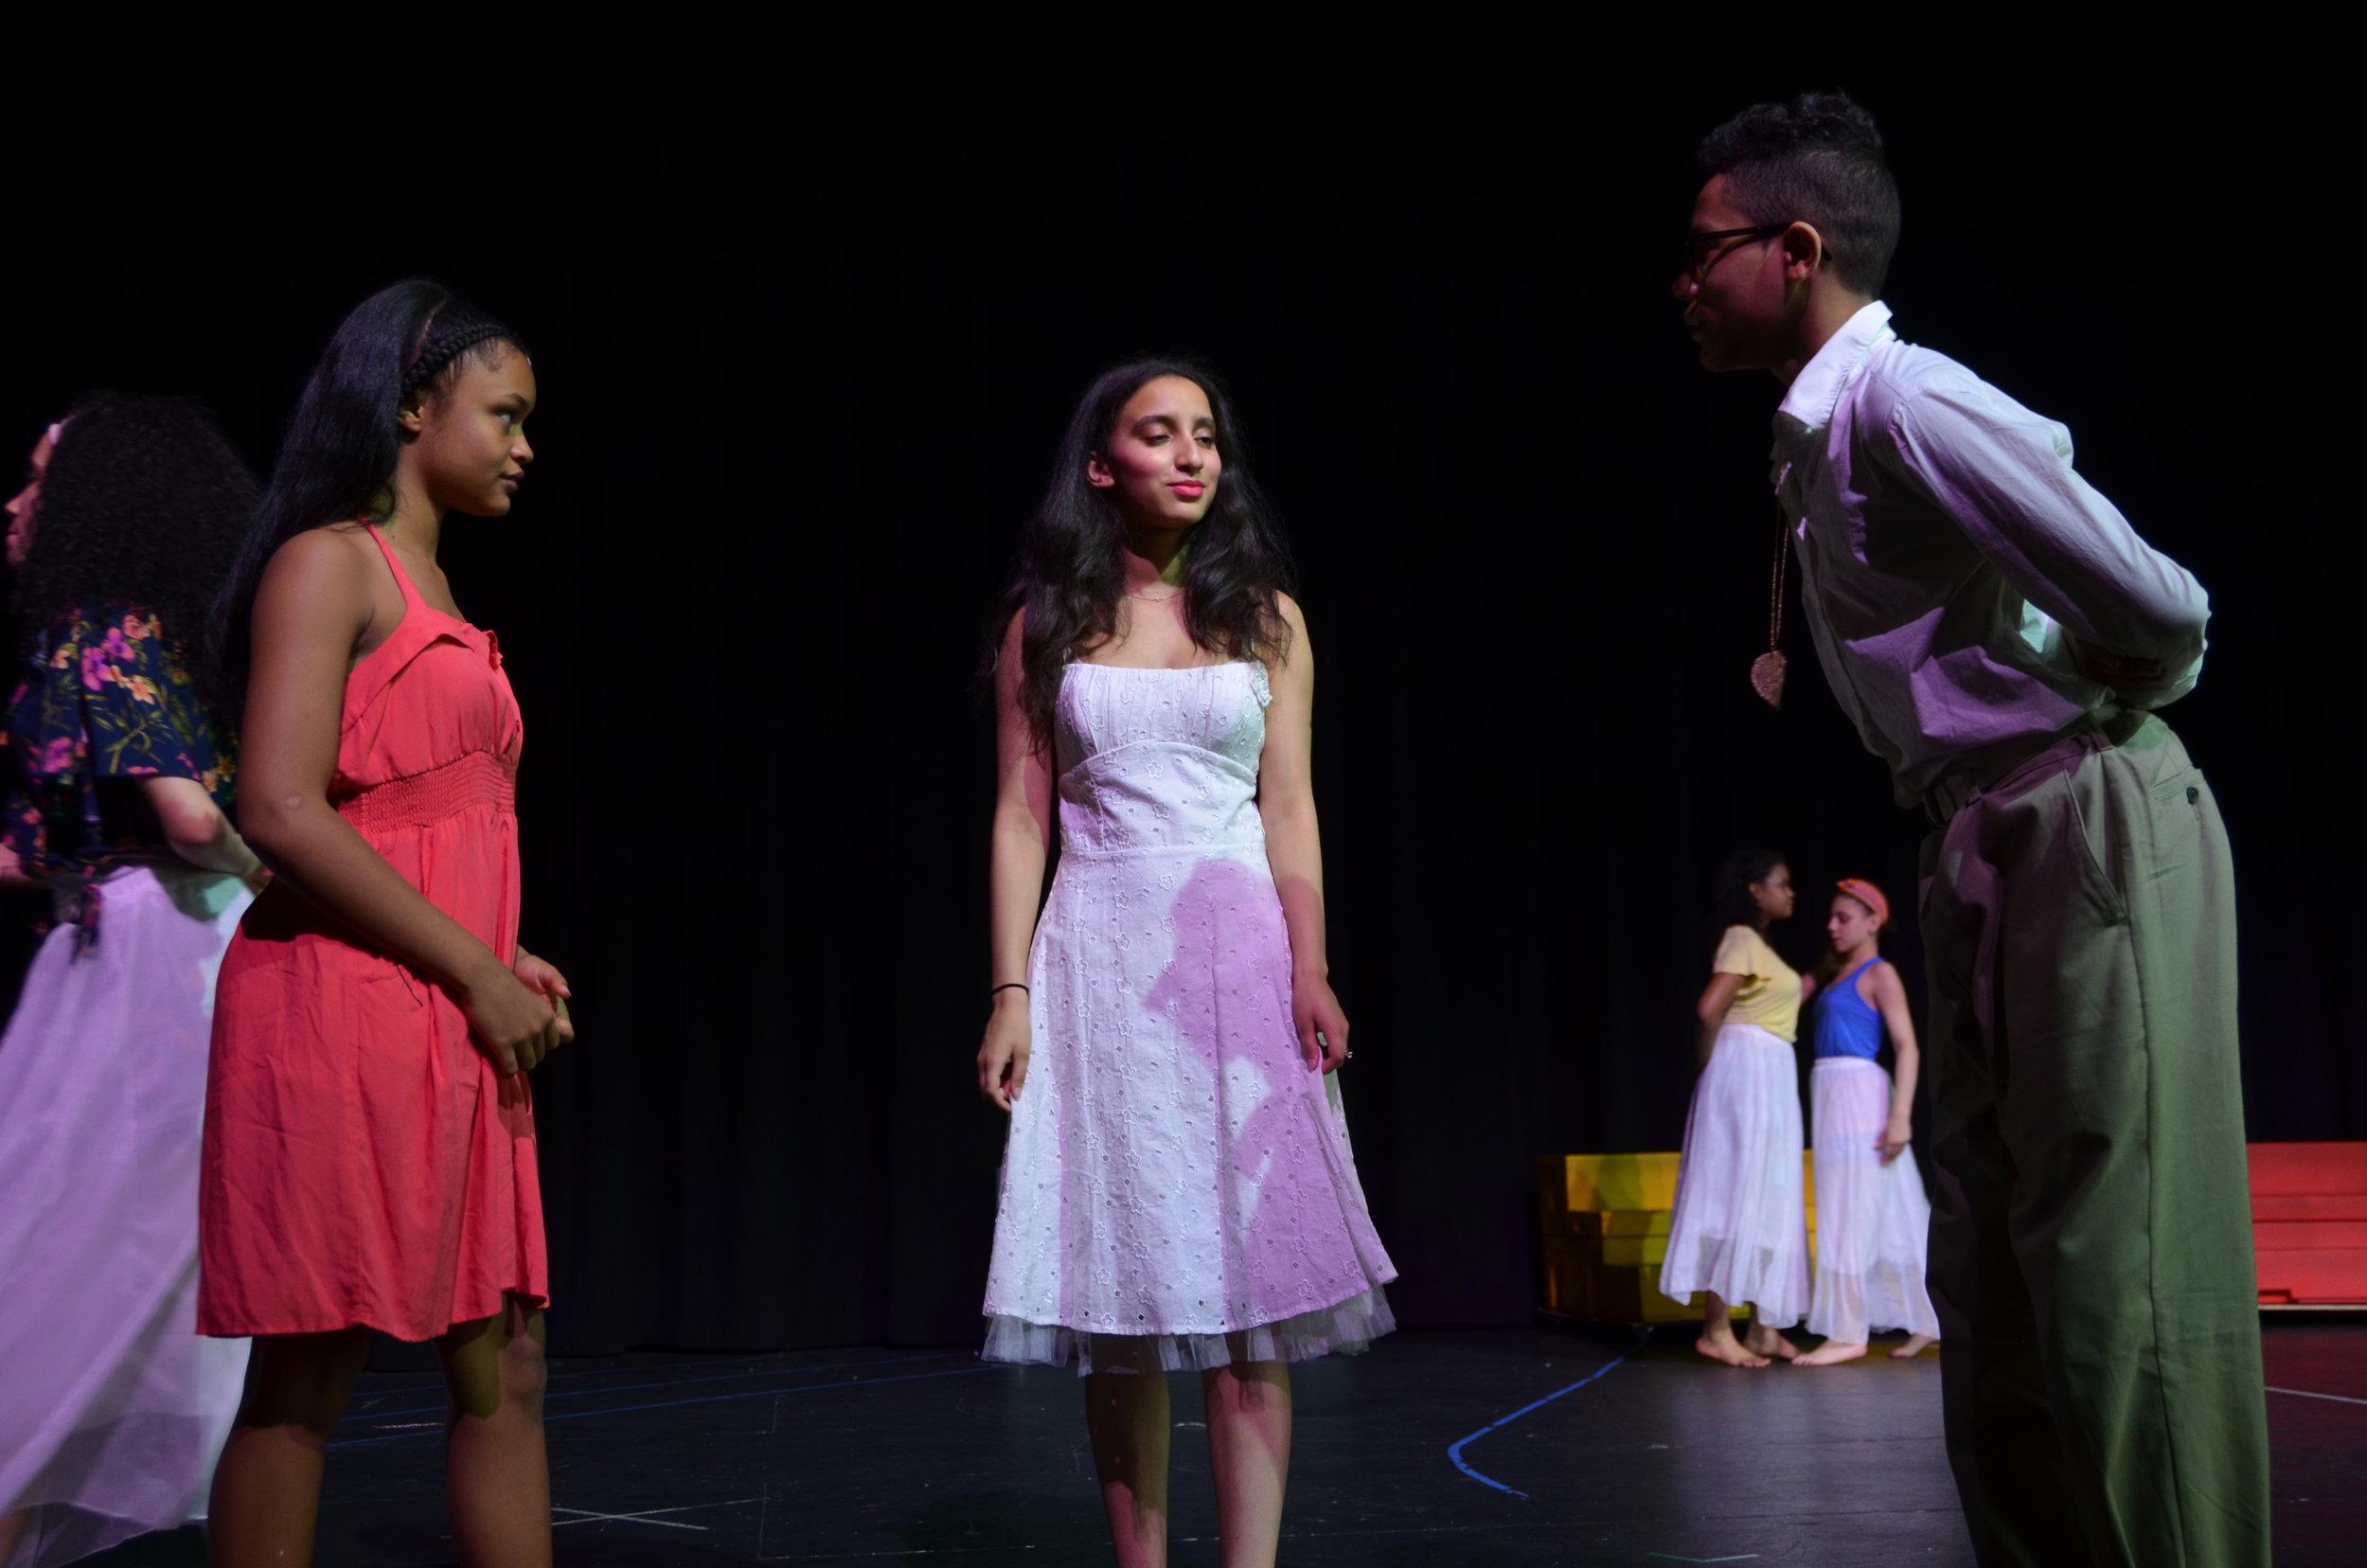 Ti Moune, Andrea, and Daniel